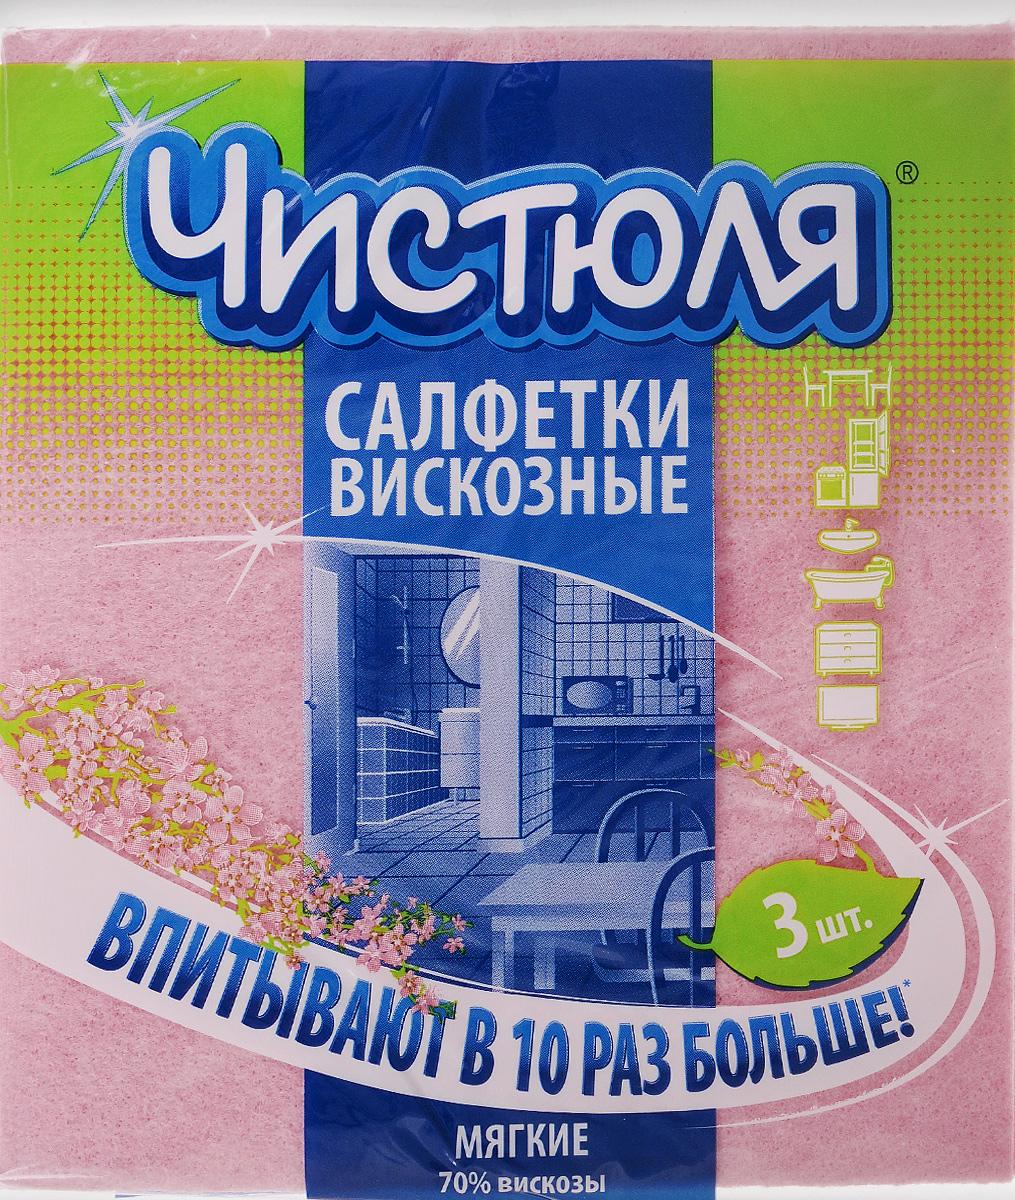 Набор салфеток Чистюля, цвет: розовый, 34 х 38 см, 3 шт1004900000360Хозяйственные салфетки Чистюля, выполненные из вискозы и полиэстера, станут незаменимыми помощниками на кухне и в ванной комнате. За счет высокого содержания вискозы изделия отлично очищают любые поверхности, впитывая влагу вместе с грязью. Не оставляют ворсинок и разводов. Легко отстирываются при температуре до 70°C.Размер салфетки: 34 х 38 см.Состав: 70% вискоза, 30% полиэстер.